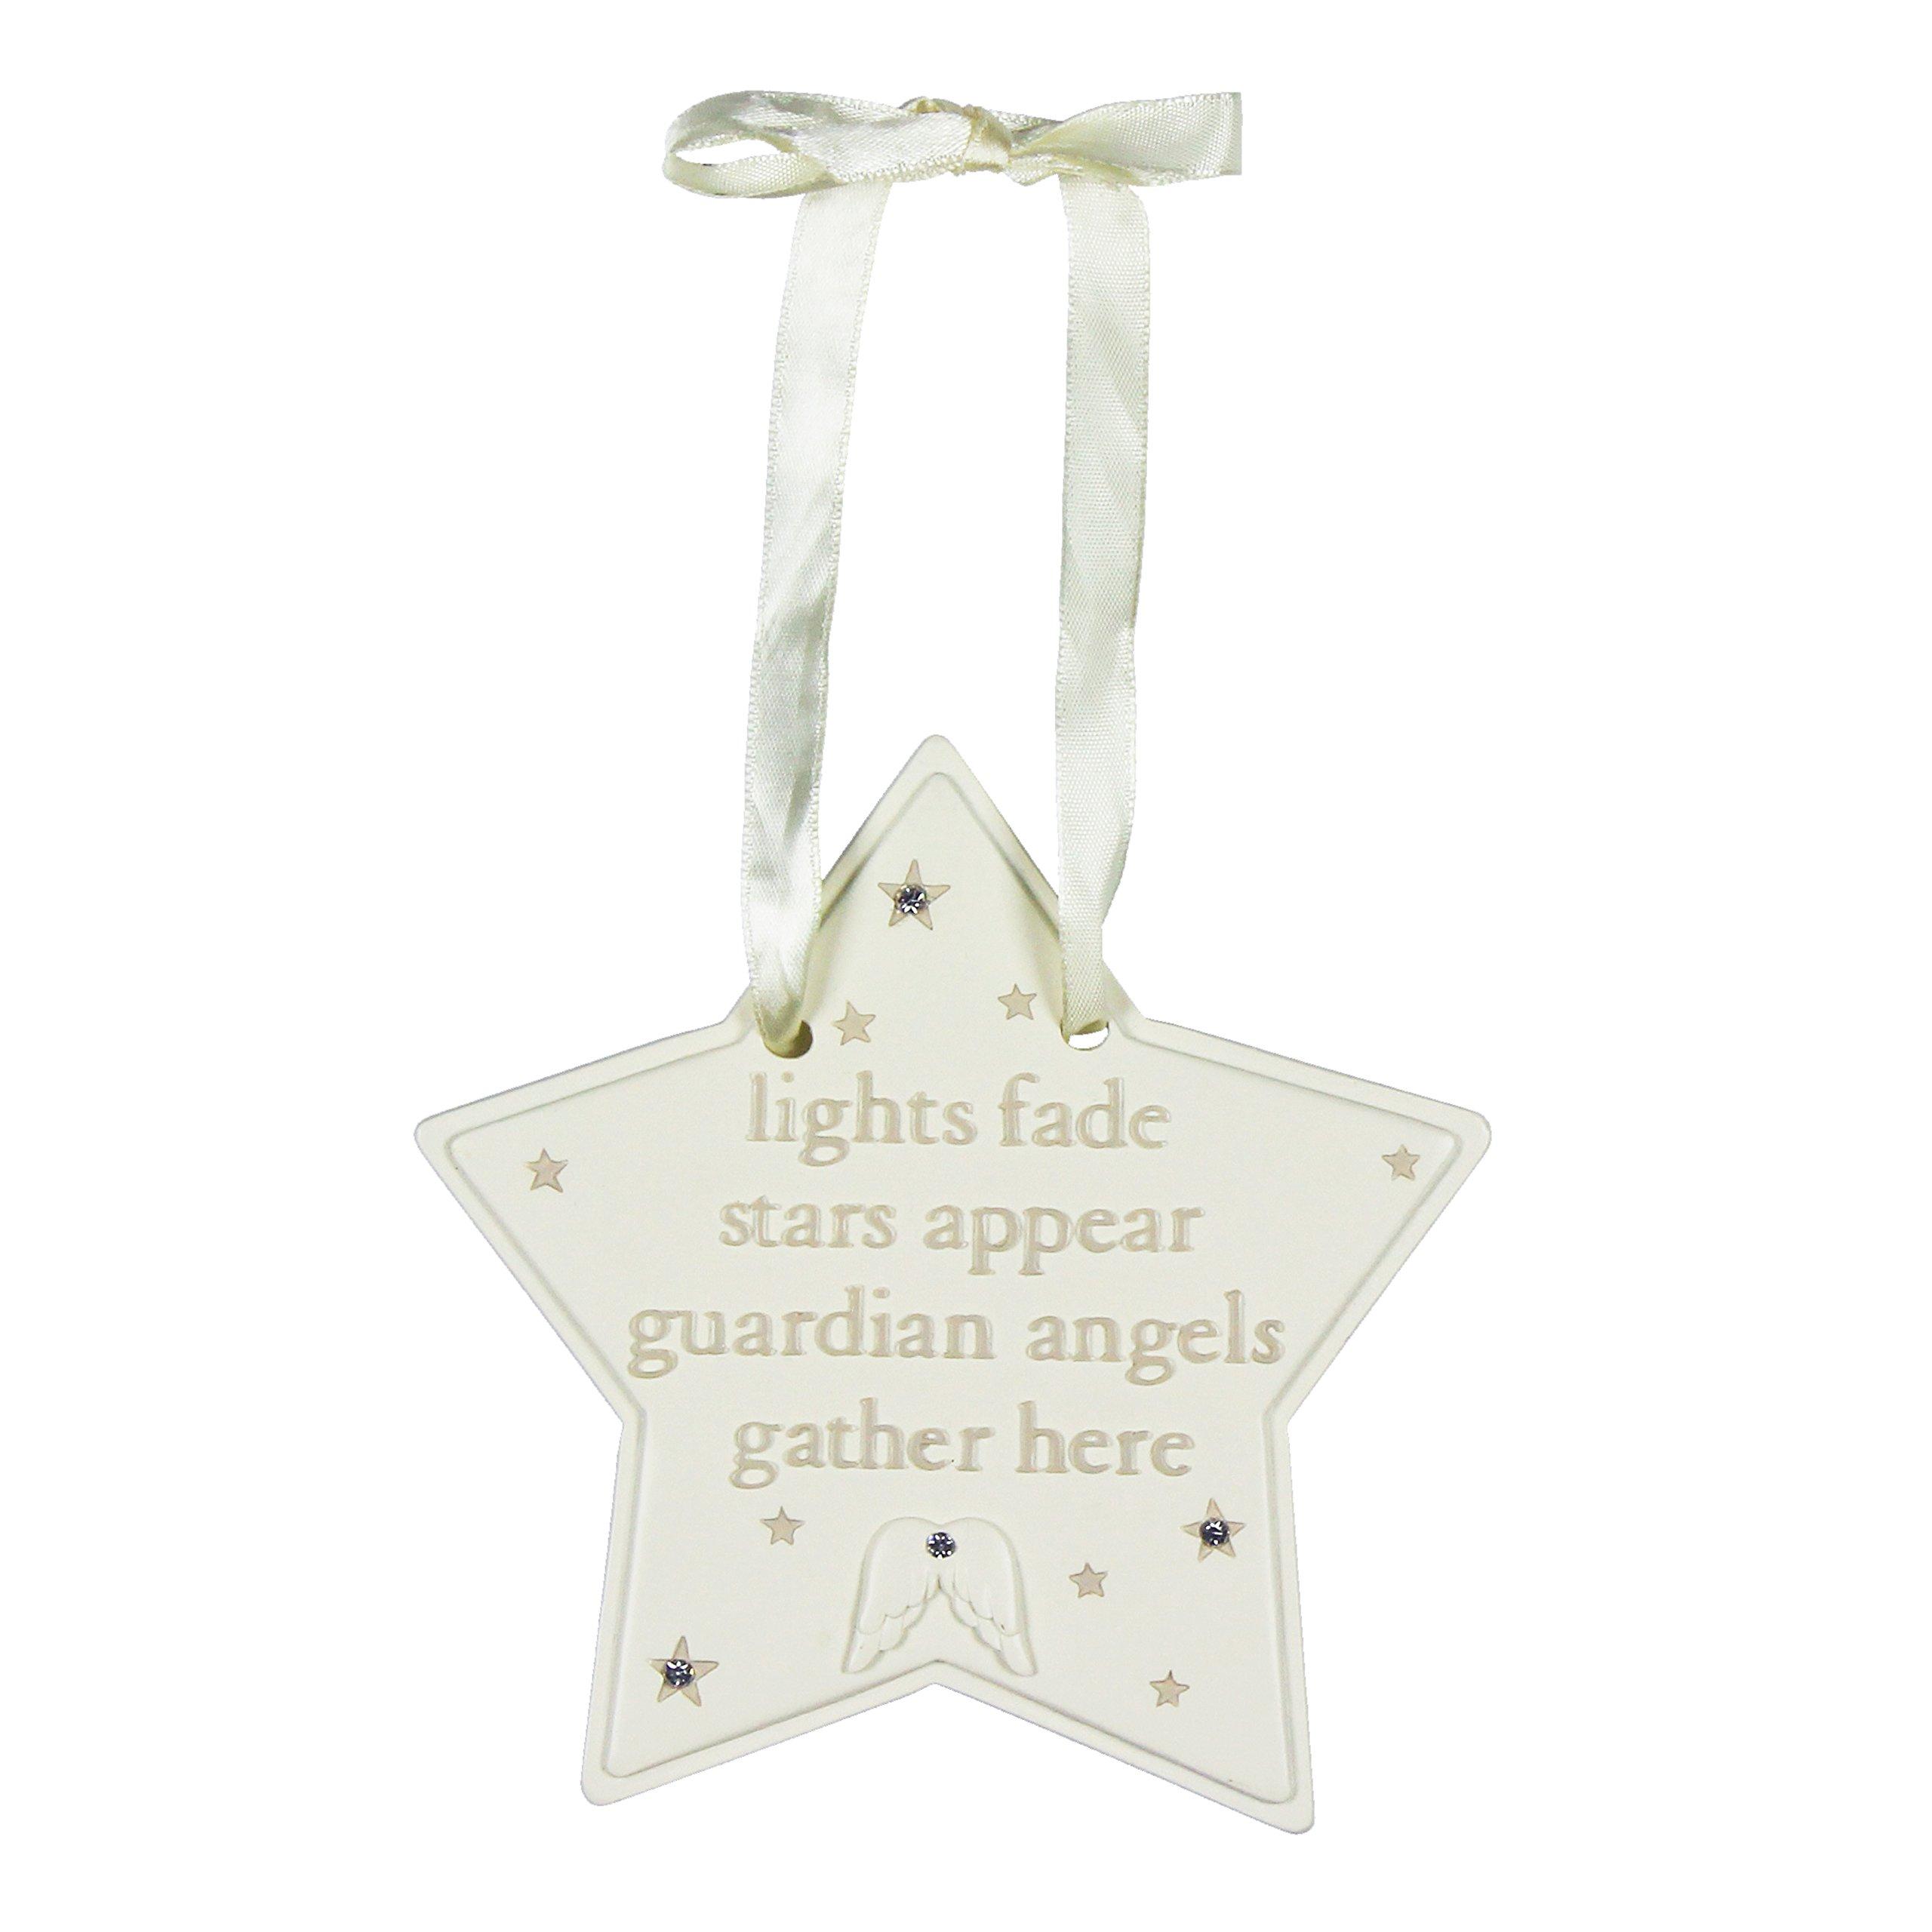 Bambino Angelo Custode Star Placca–Decorazione Luci Fade stelle Appear Angeli Custodi raccogliere